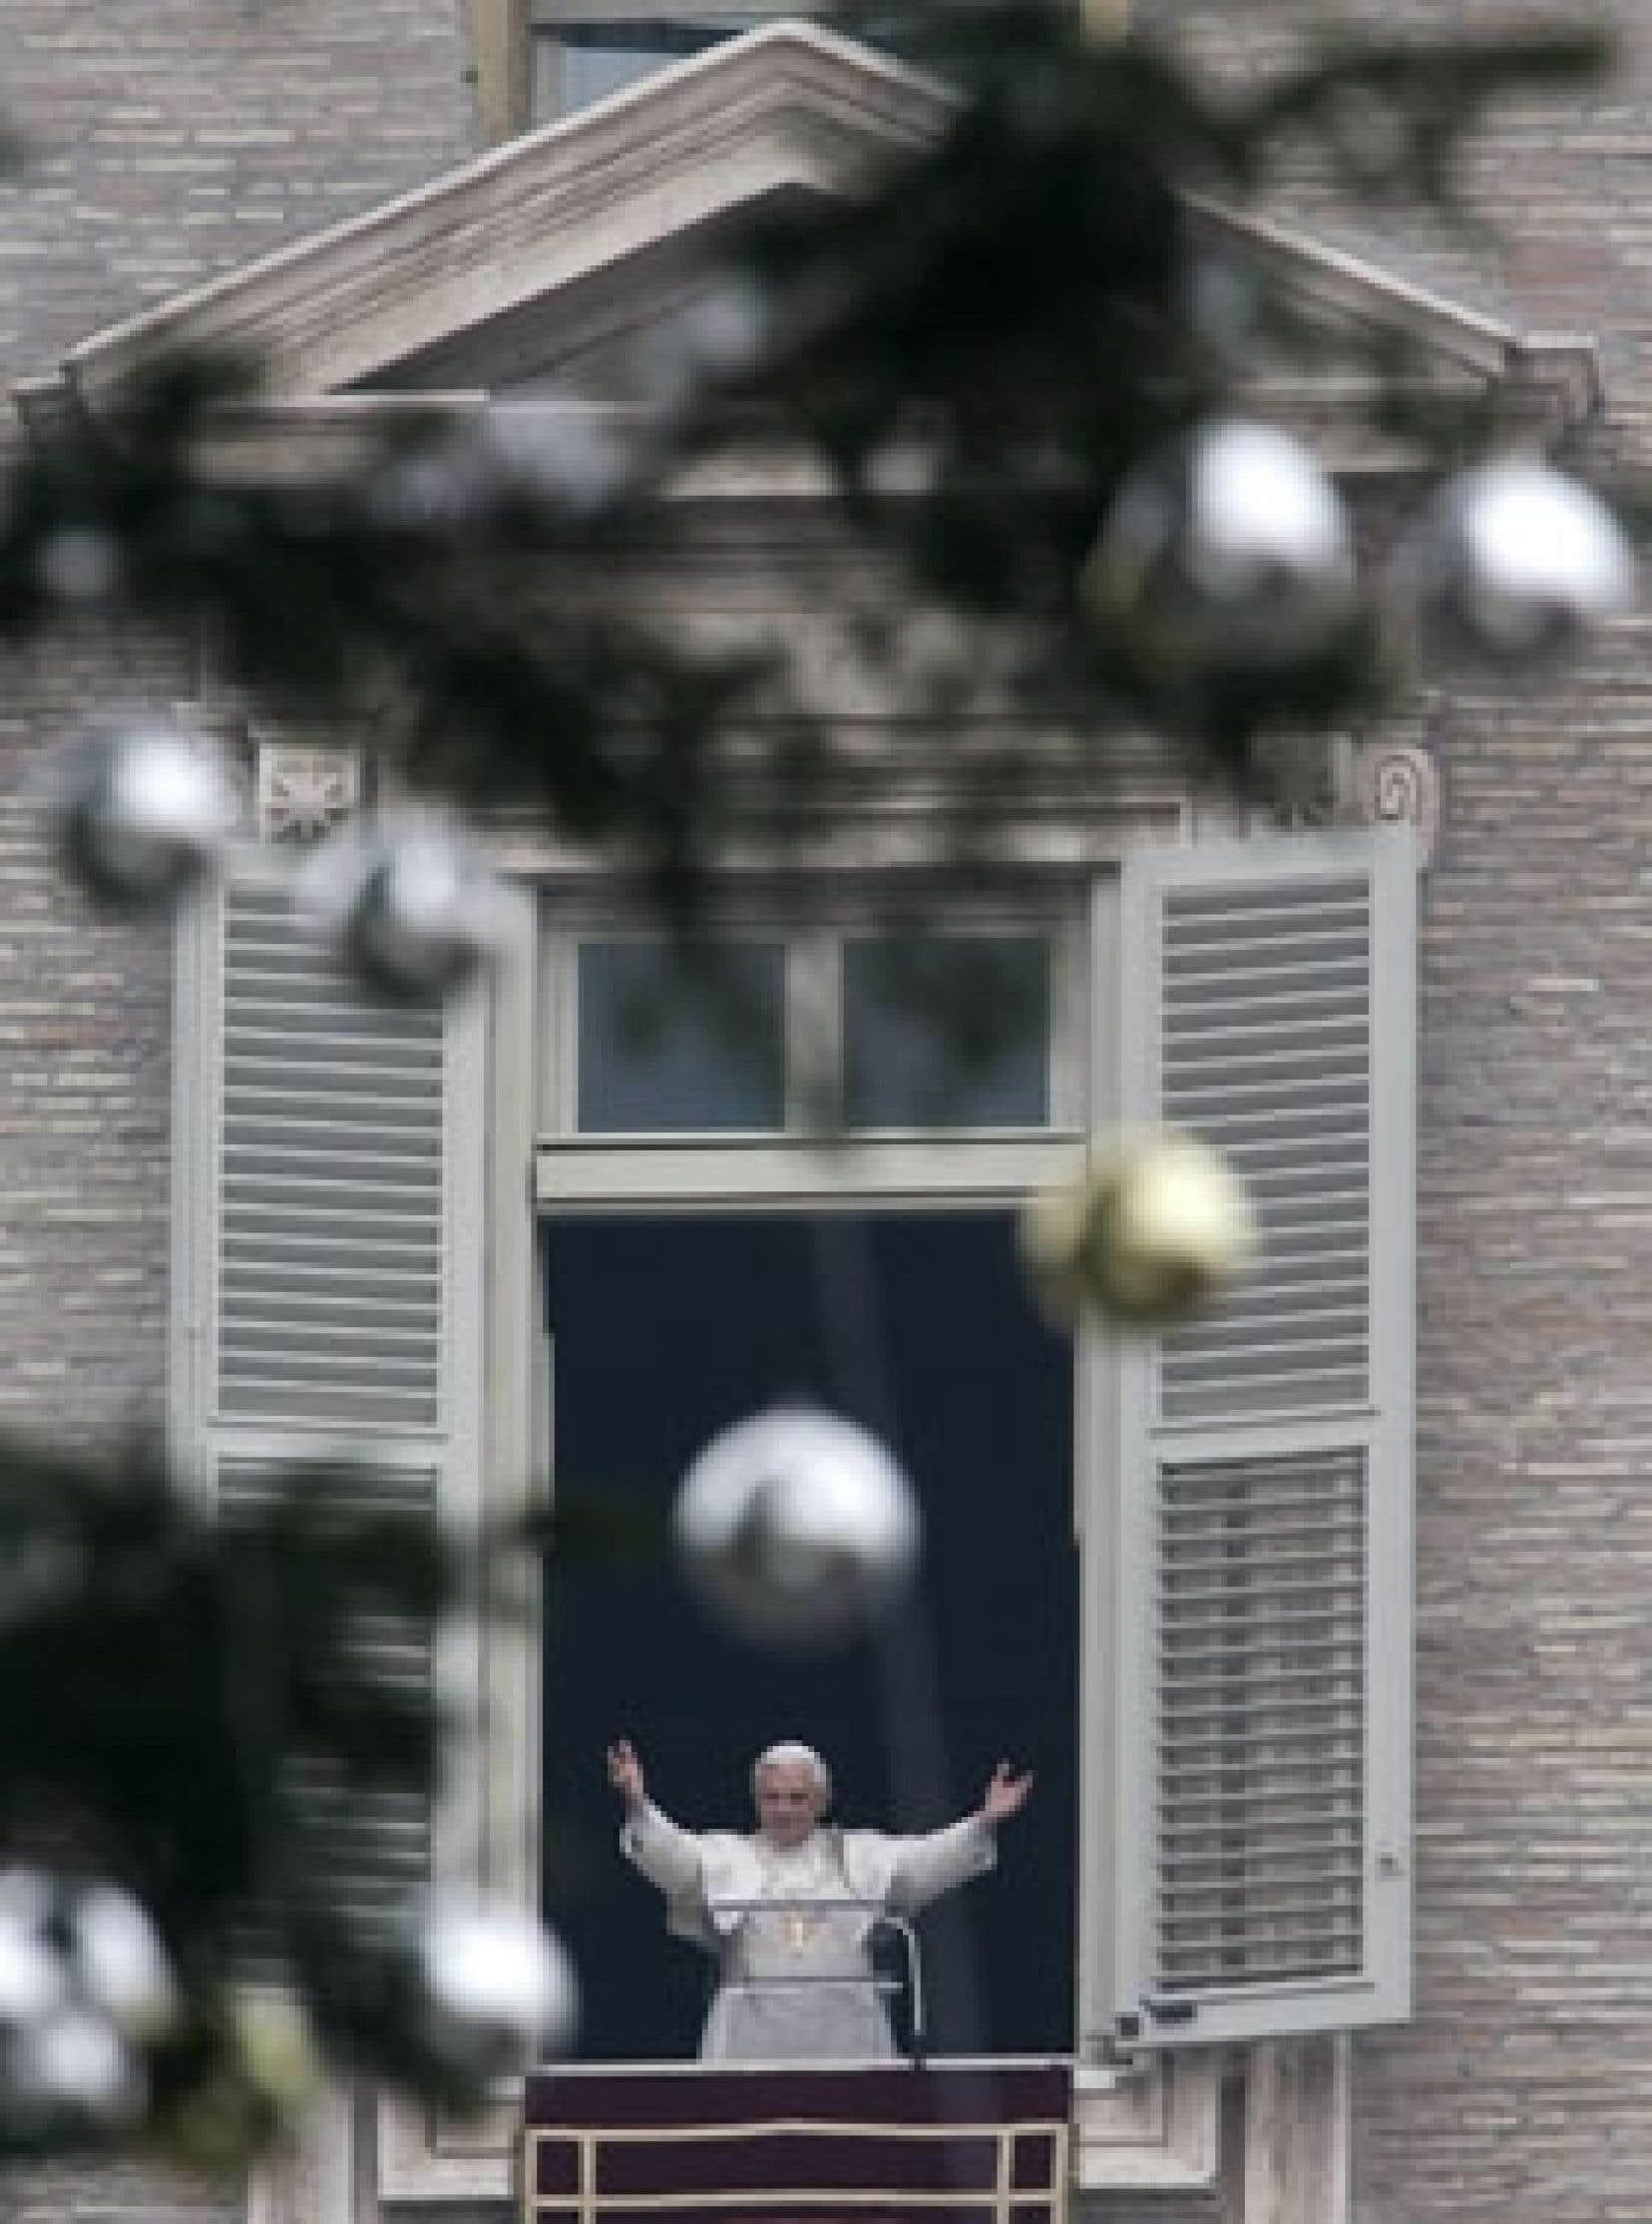 À l'occasion hier de son traditionnel message de Noël devant des milliers de pélerins rassemblés  place Saint-Pierre, le pape Benoît XVI a béni les santons de l'enfant Jésus brandis par des milliers d'enfants.